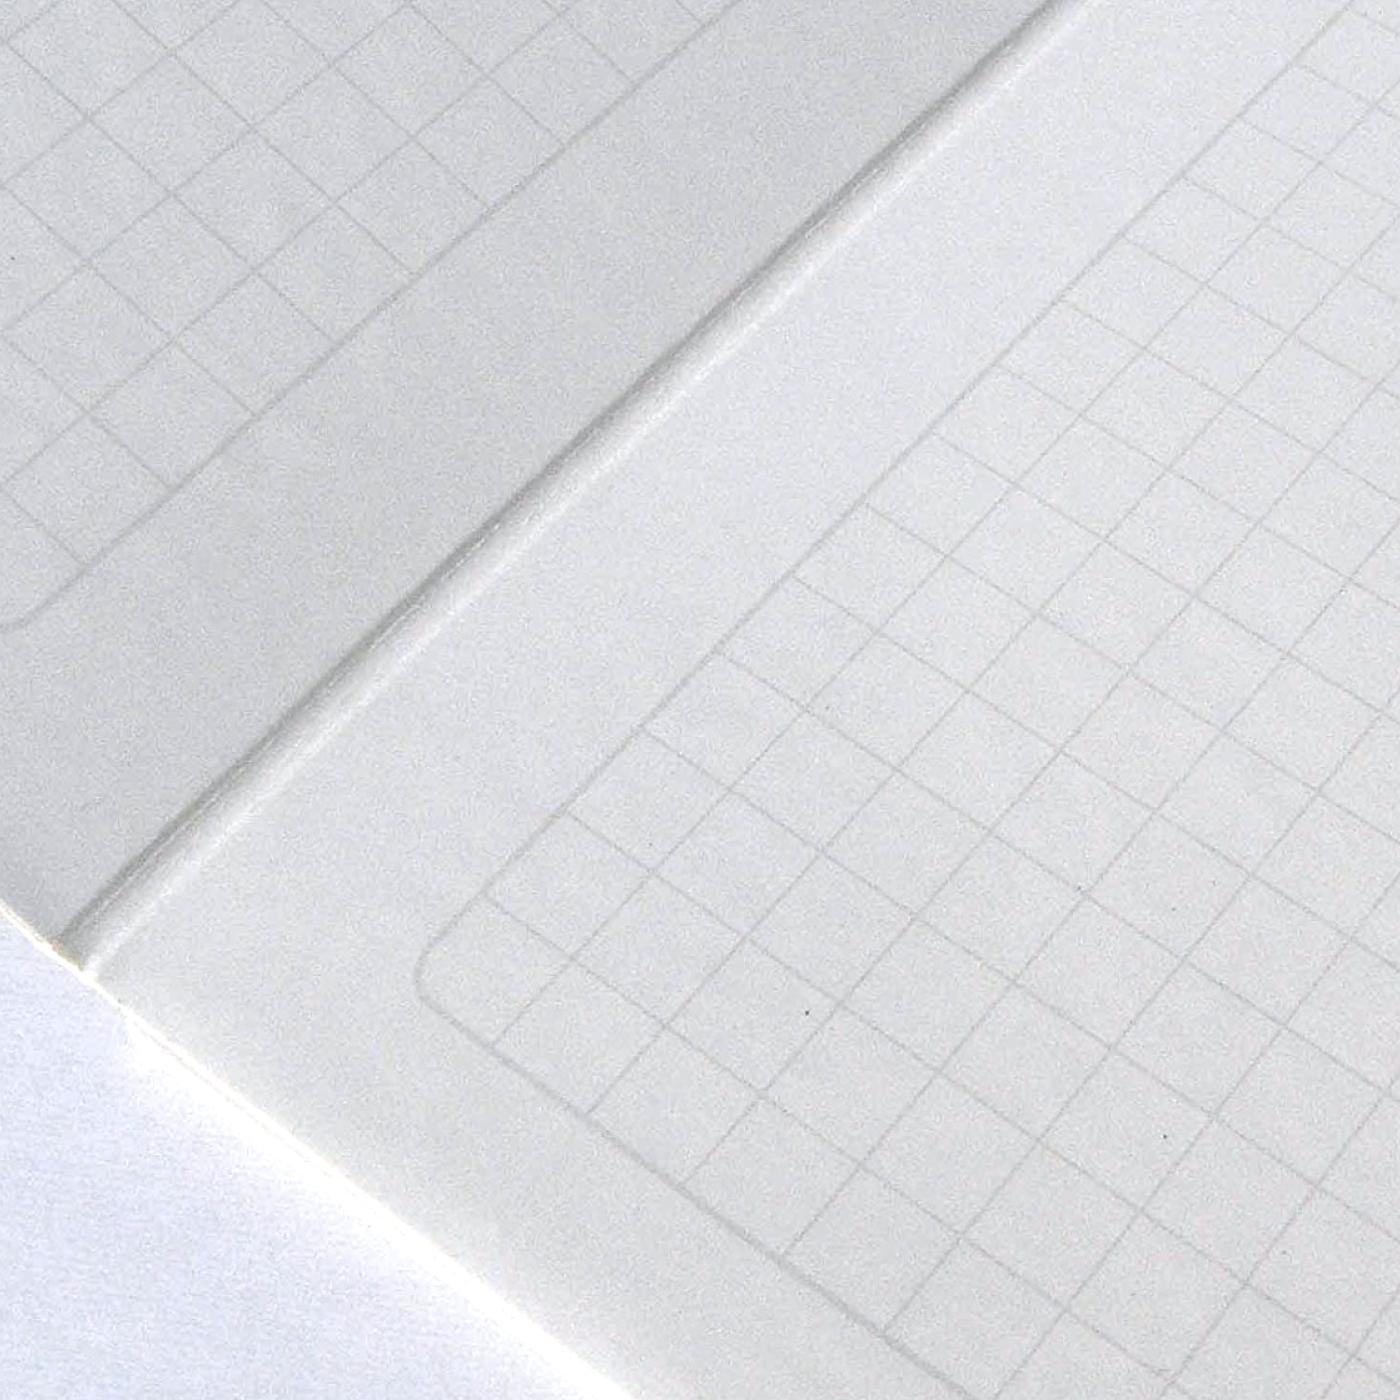 便利な方眼(5mm)仕様